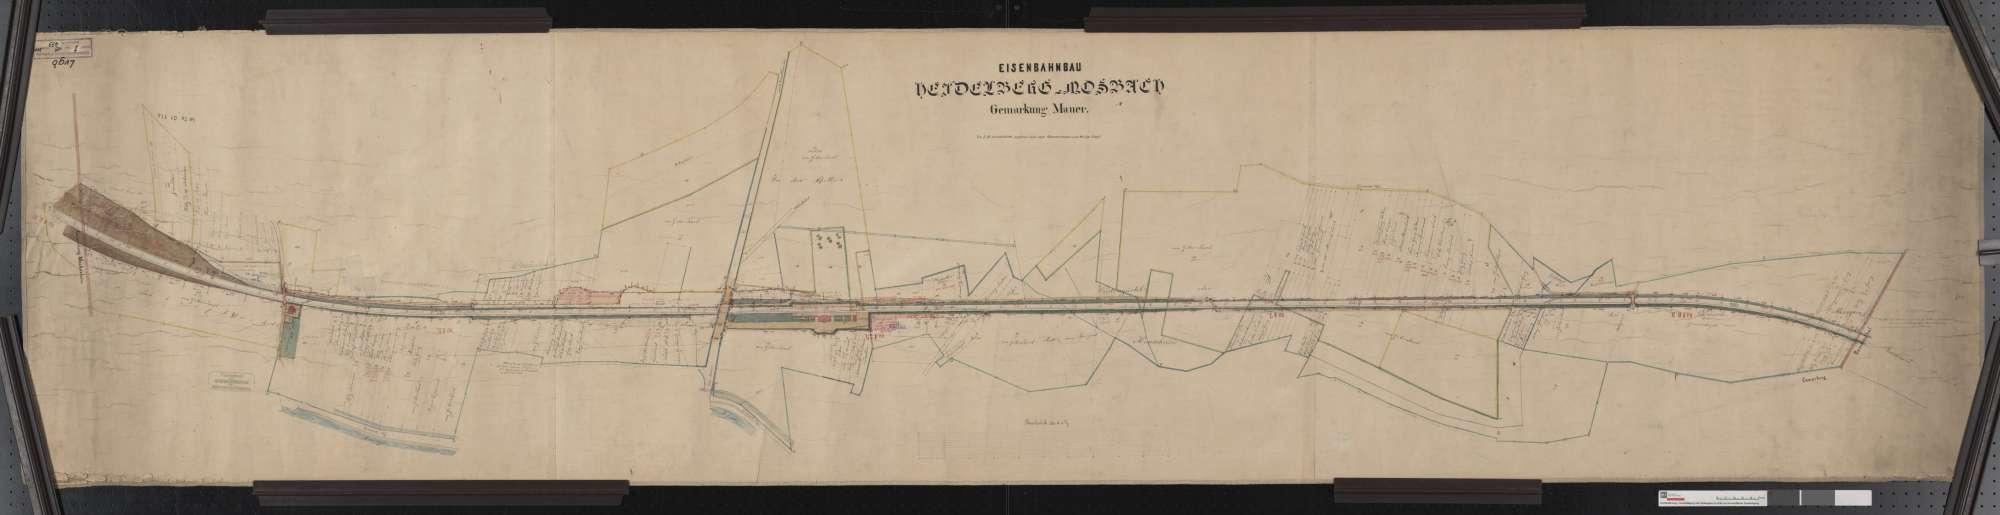 Situationsplan der Bahn von Heidelberg bis Mosbach: Gemarkung Mauer Streckenausschnitt: 16,3 bis 18,5 km, Bild 1